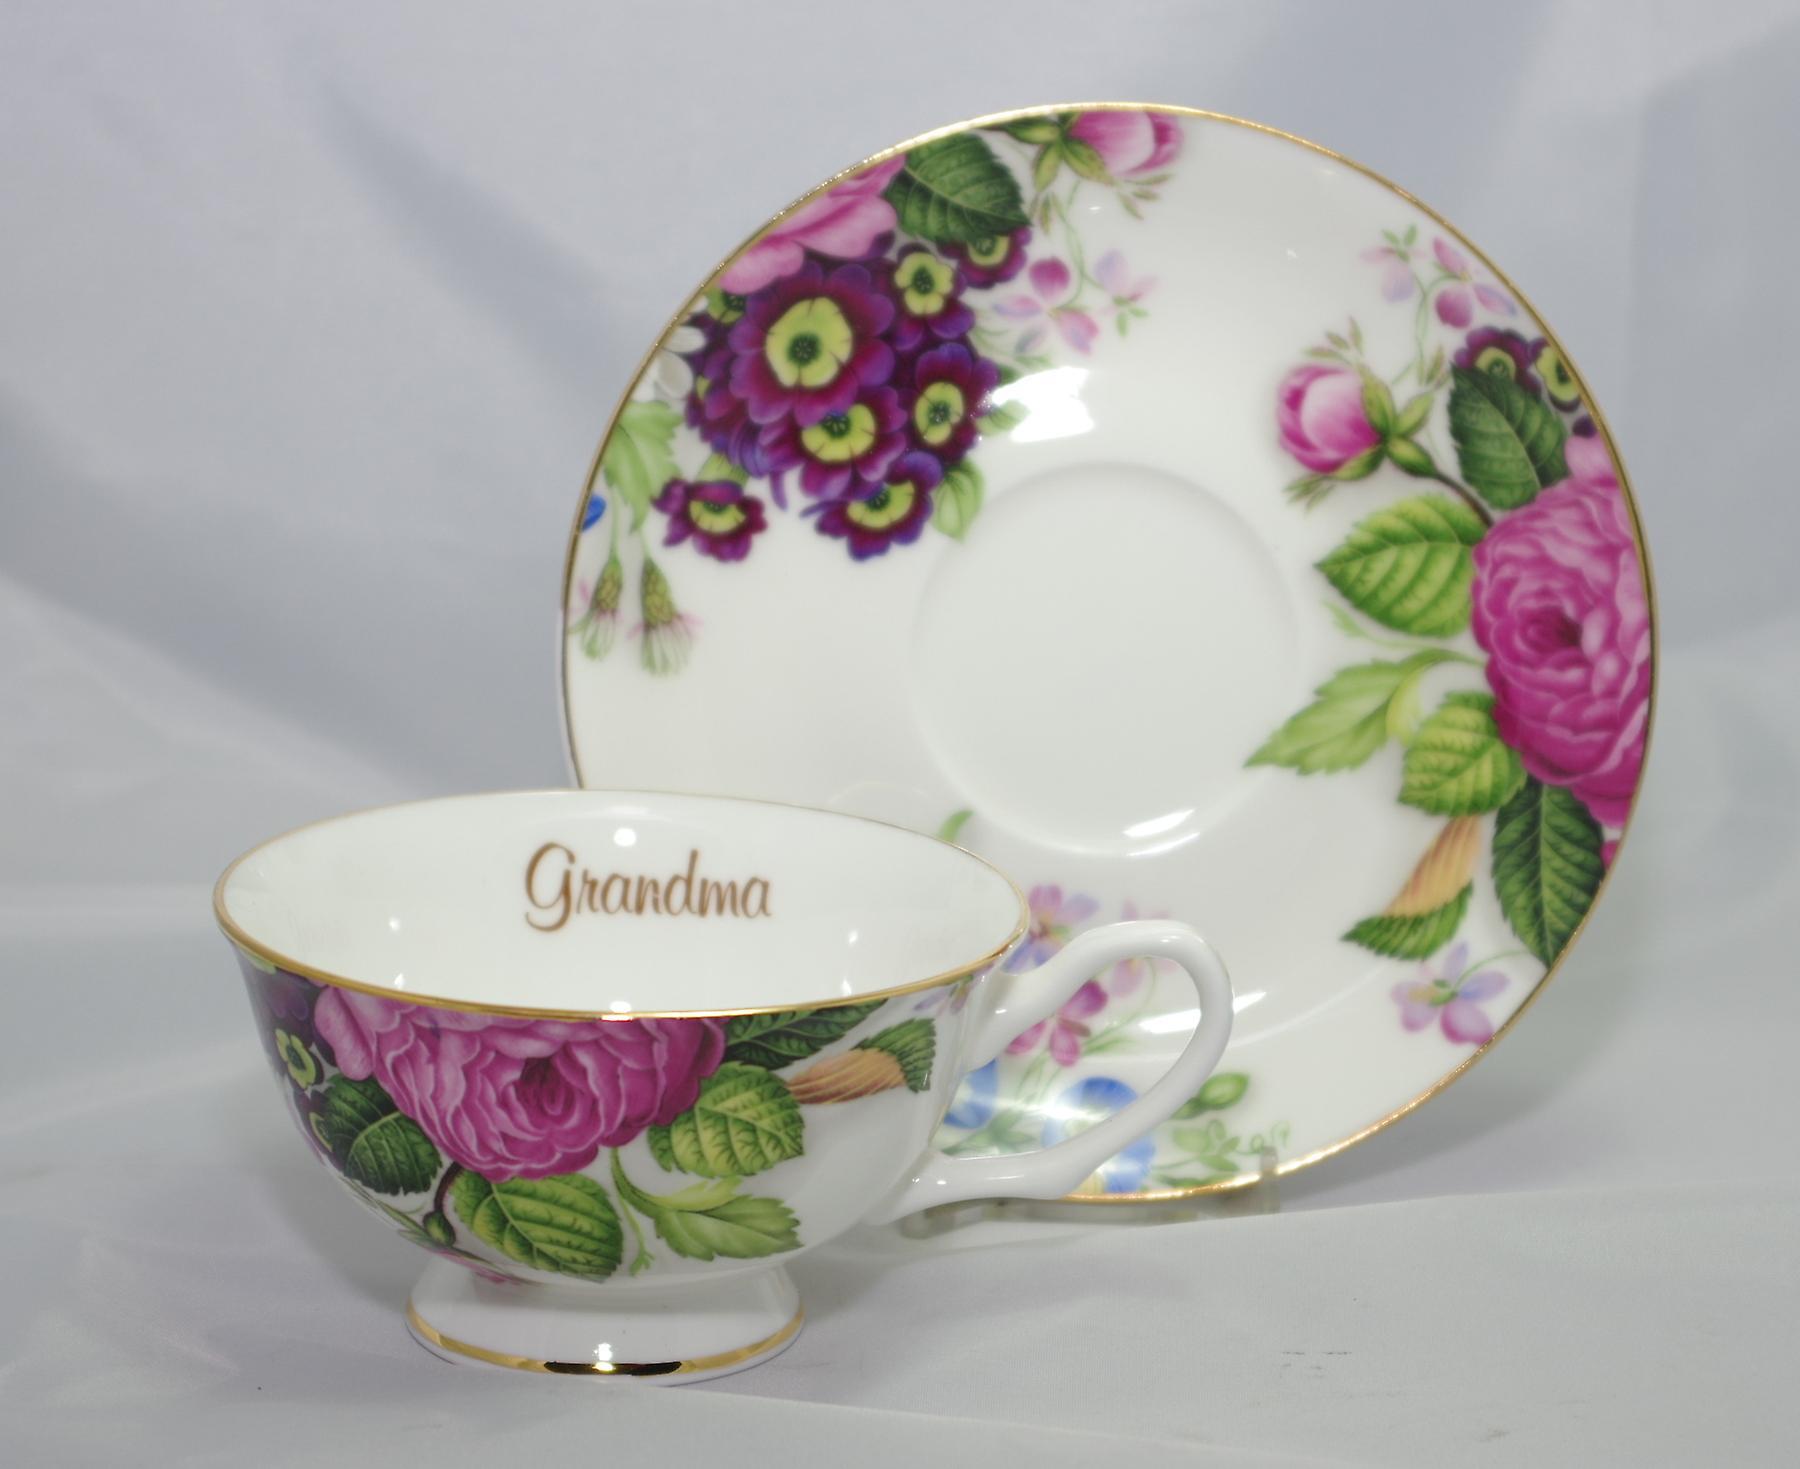 English Bone China Teacup & Saucer for Grandma